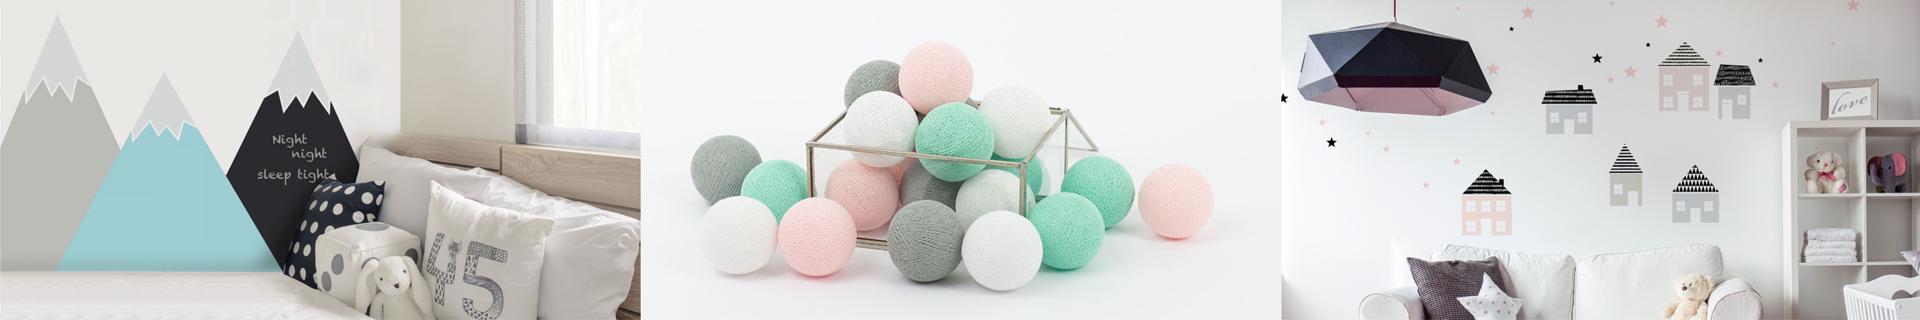 Cotton Balls do pokoju dziecka - My Sweet Room - Meble dziecięce